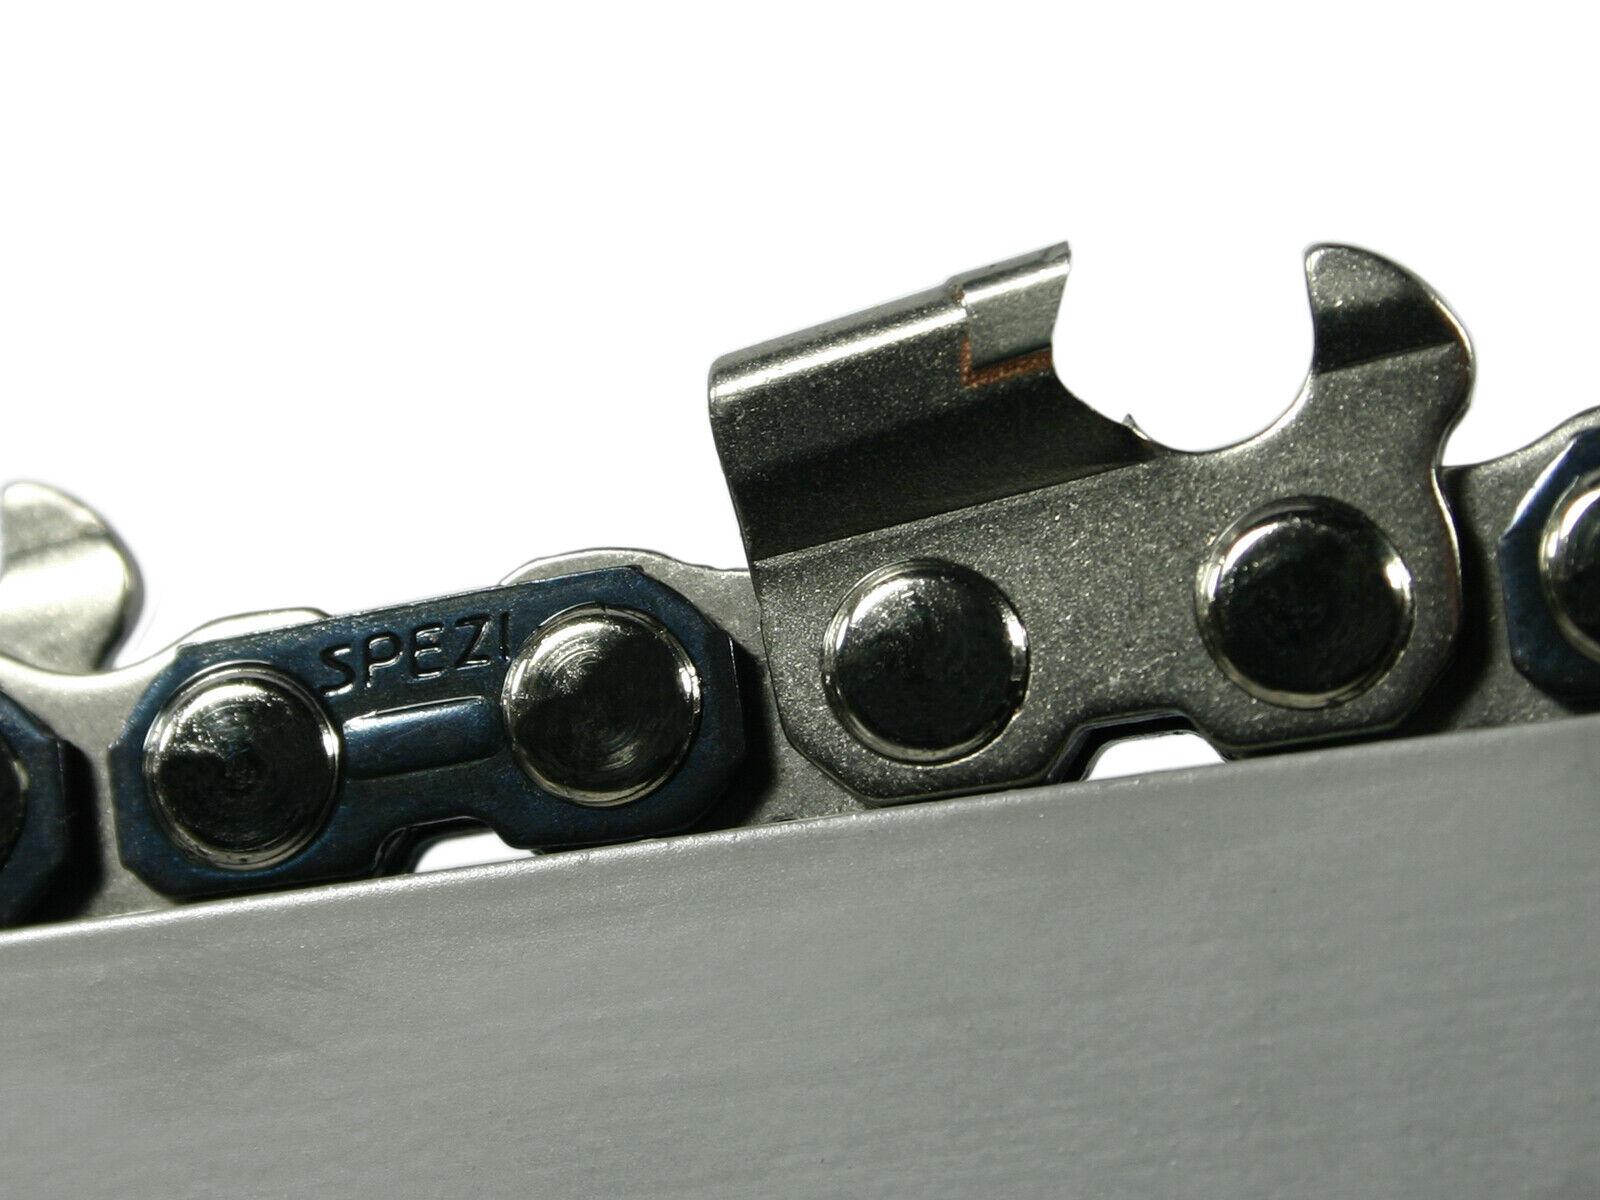 Metal duro para sierra cadena compatible con still 08 s 120 cm 404  138 TG 1,6 mm Cochebide